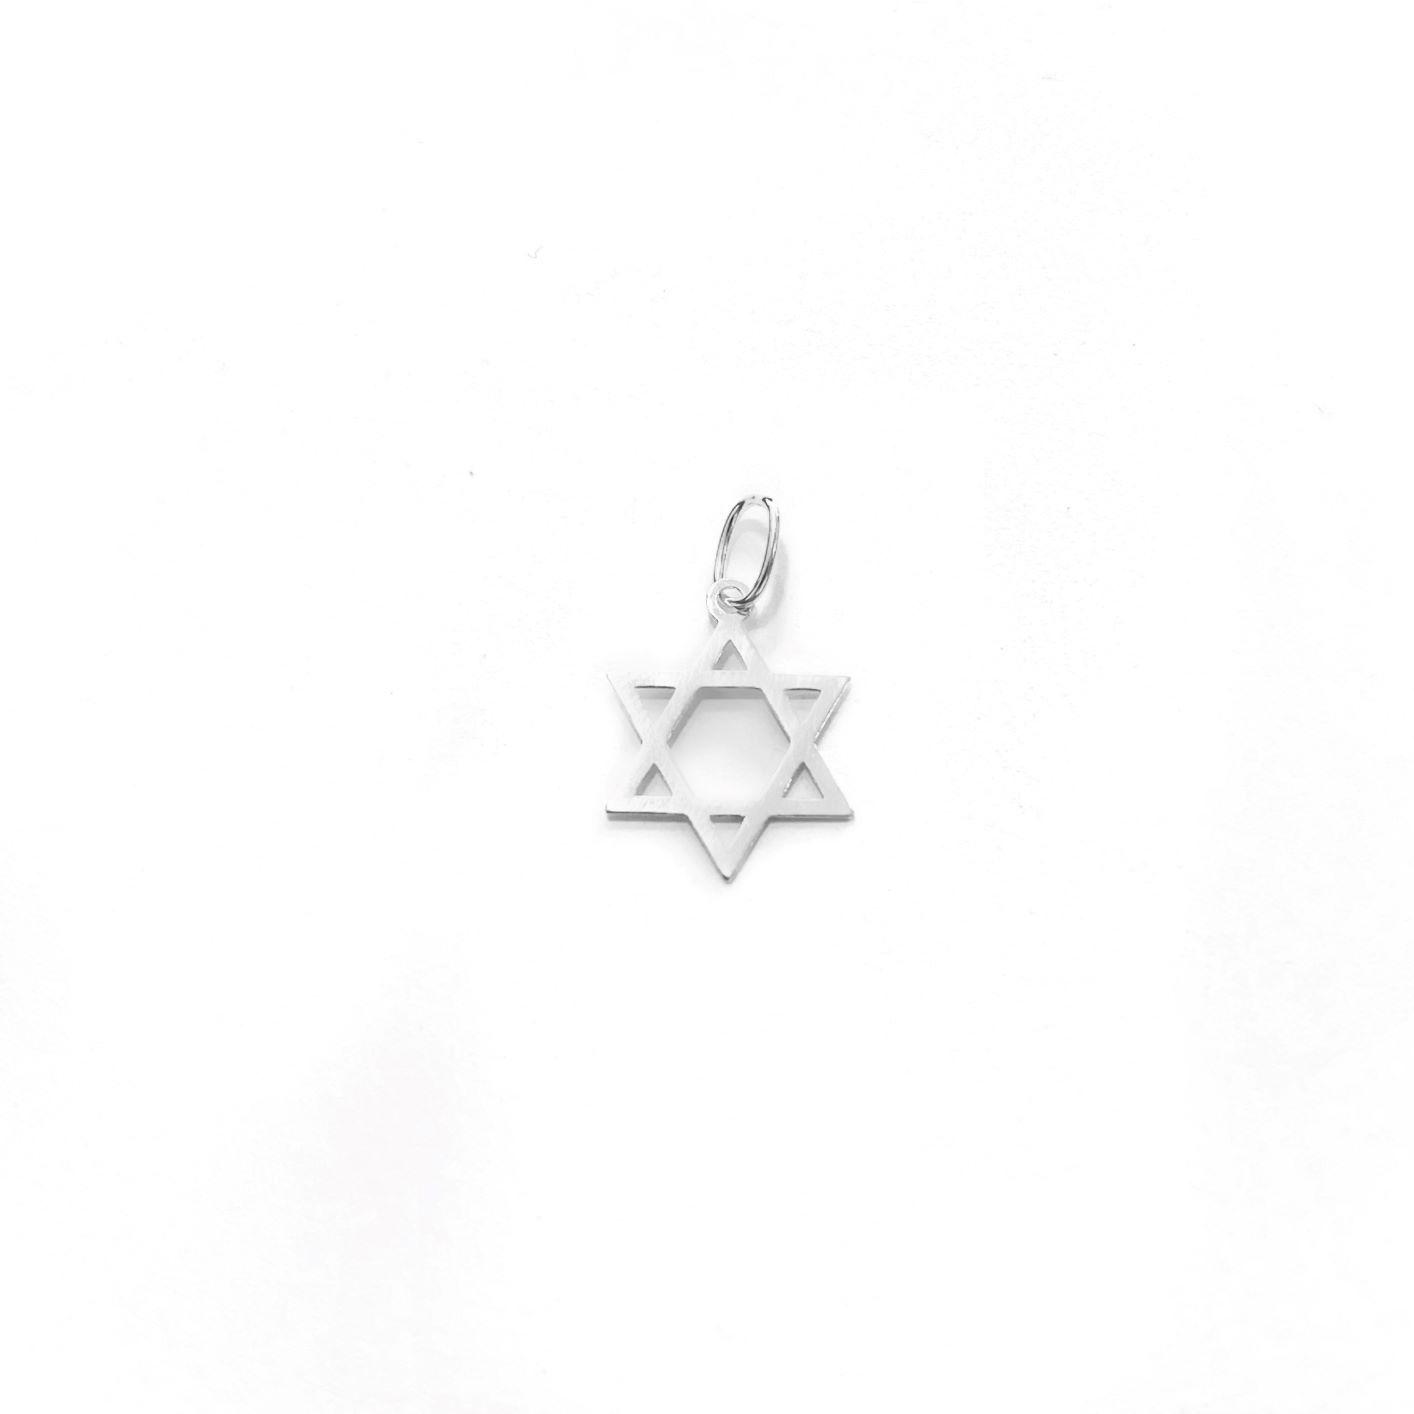 Pingente Estrela De Davi 1,3cm x 1,3cm (Prata 925 Italiana)